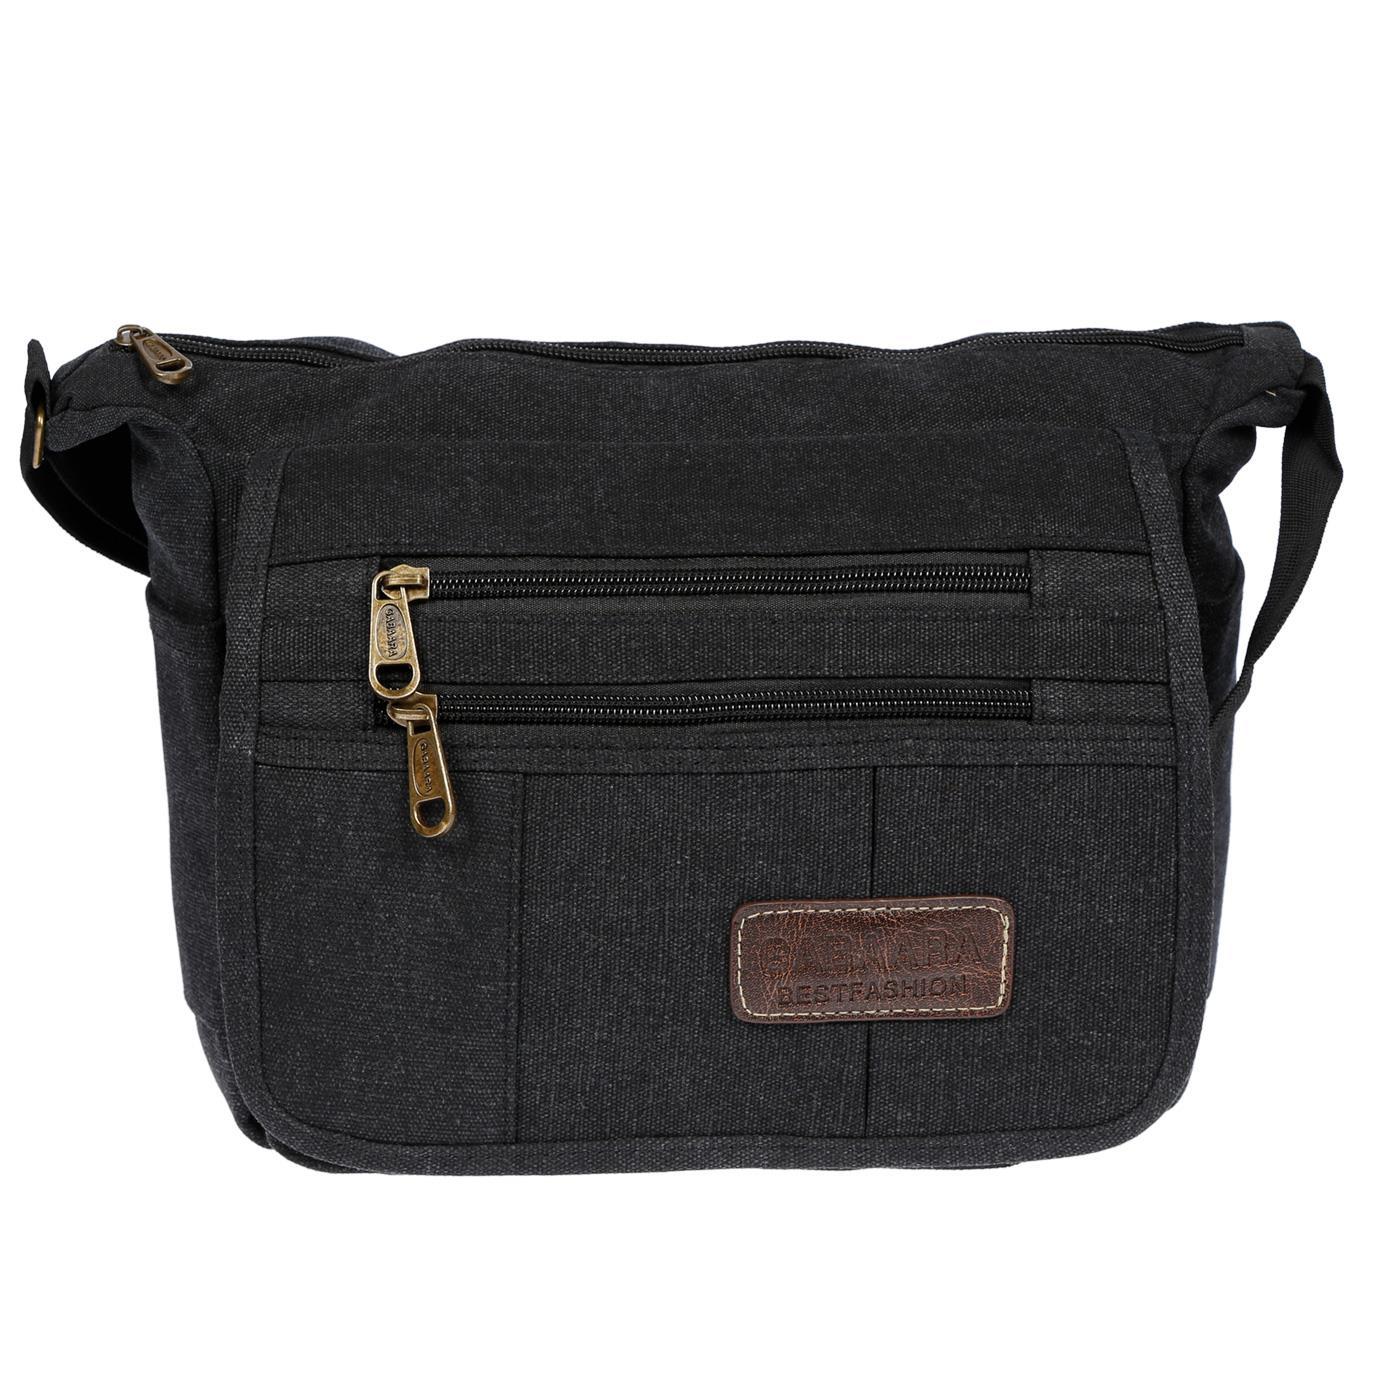 Damen-Tasche-Canvas-Umhaengetasche-Schultertasche-Crossover-Bag-Damenhandtasche Indexbild 14